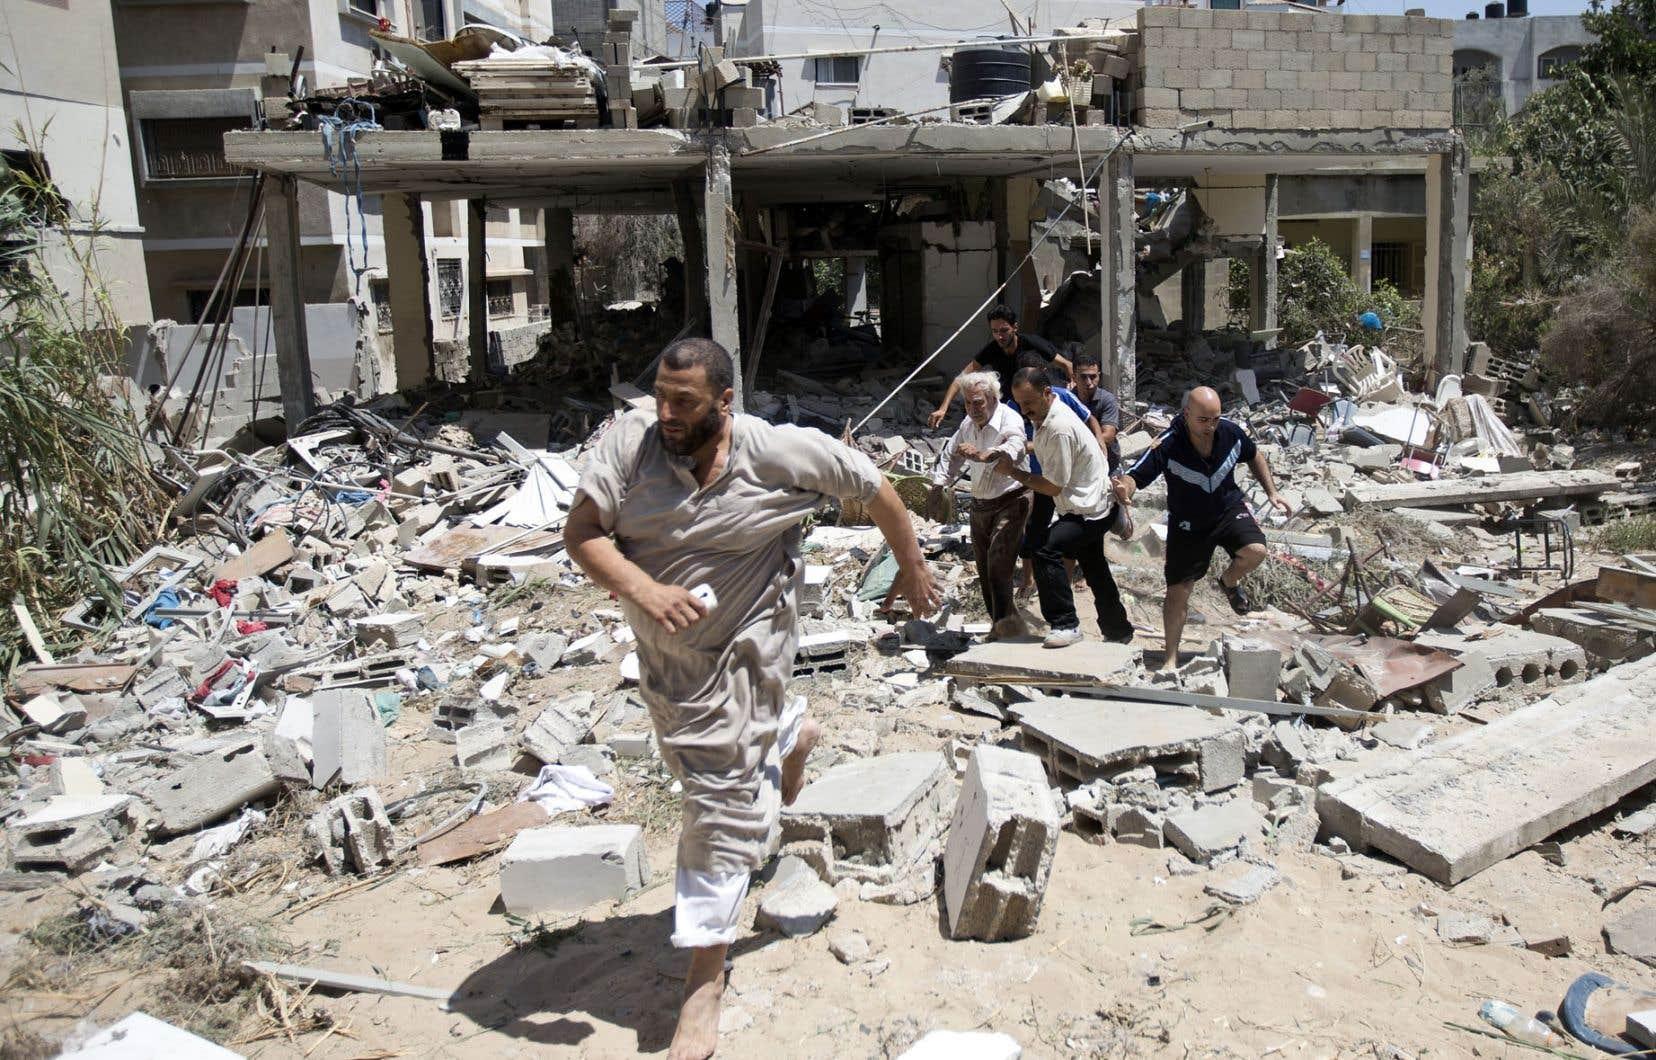 À Gaza, des médecins palestiniens venaient en aide à un survivant, dimanche, après qu'un tir aérien des forces israéliennes eut frappé sa maison.